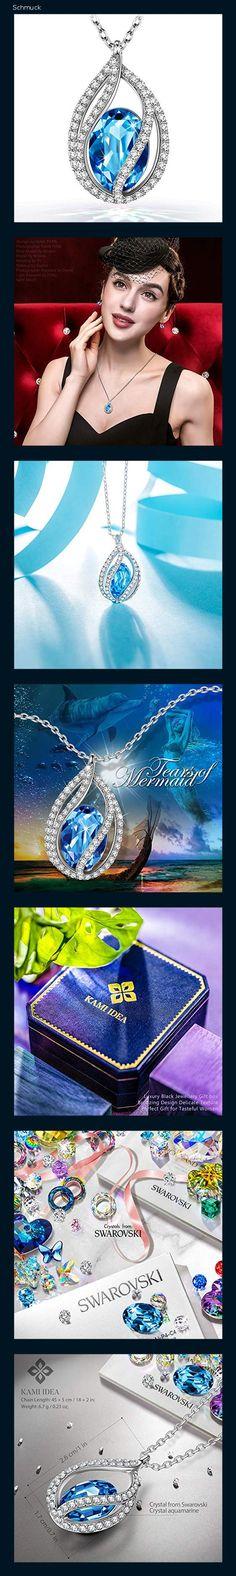 Kami Idea - Tränen der Meerjungfrau - Halskette, Kristall von Swarovski, Originelle Entwerfung, Symbol für Sicherheit und Glück, Geschenkverpackung, 45 + 5 cm - 14hc